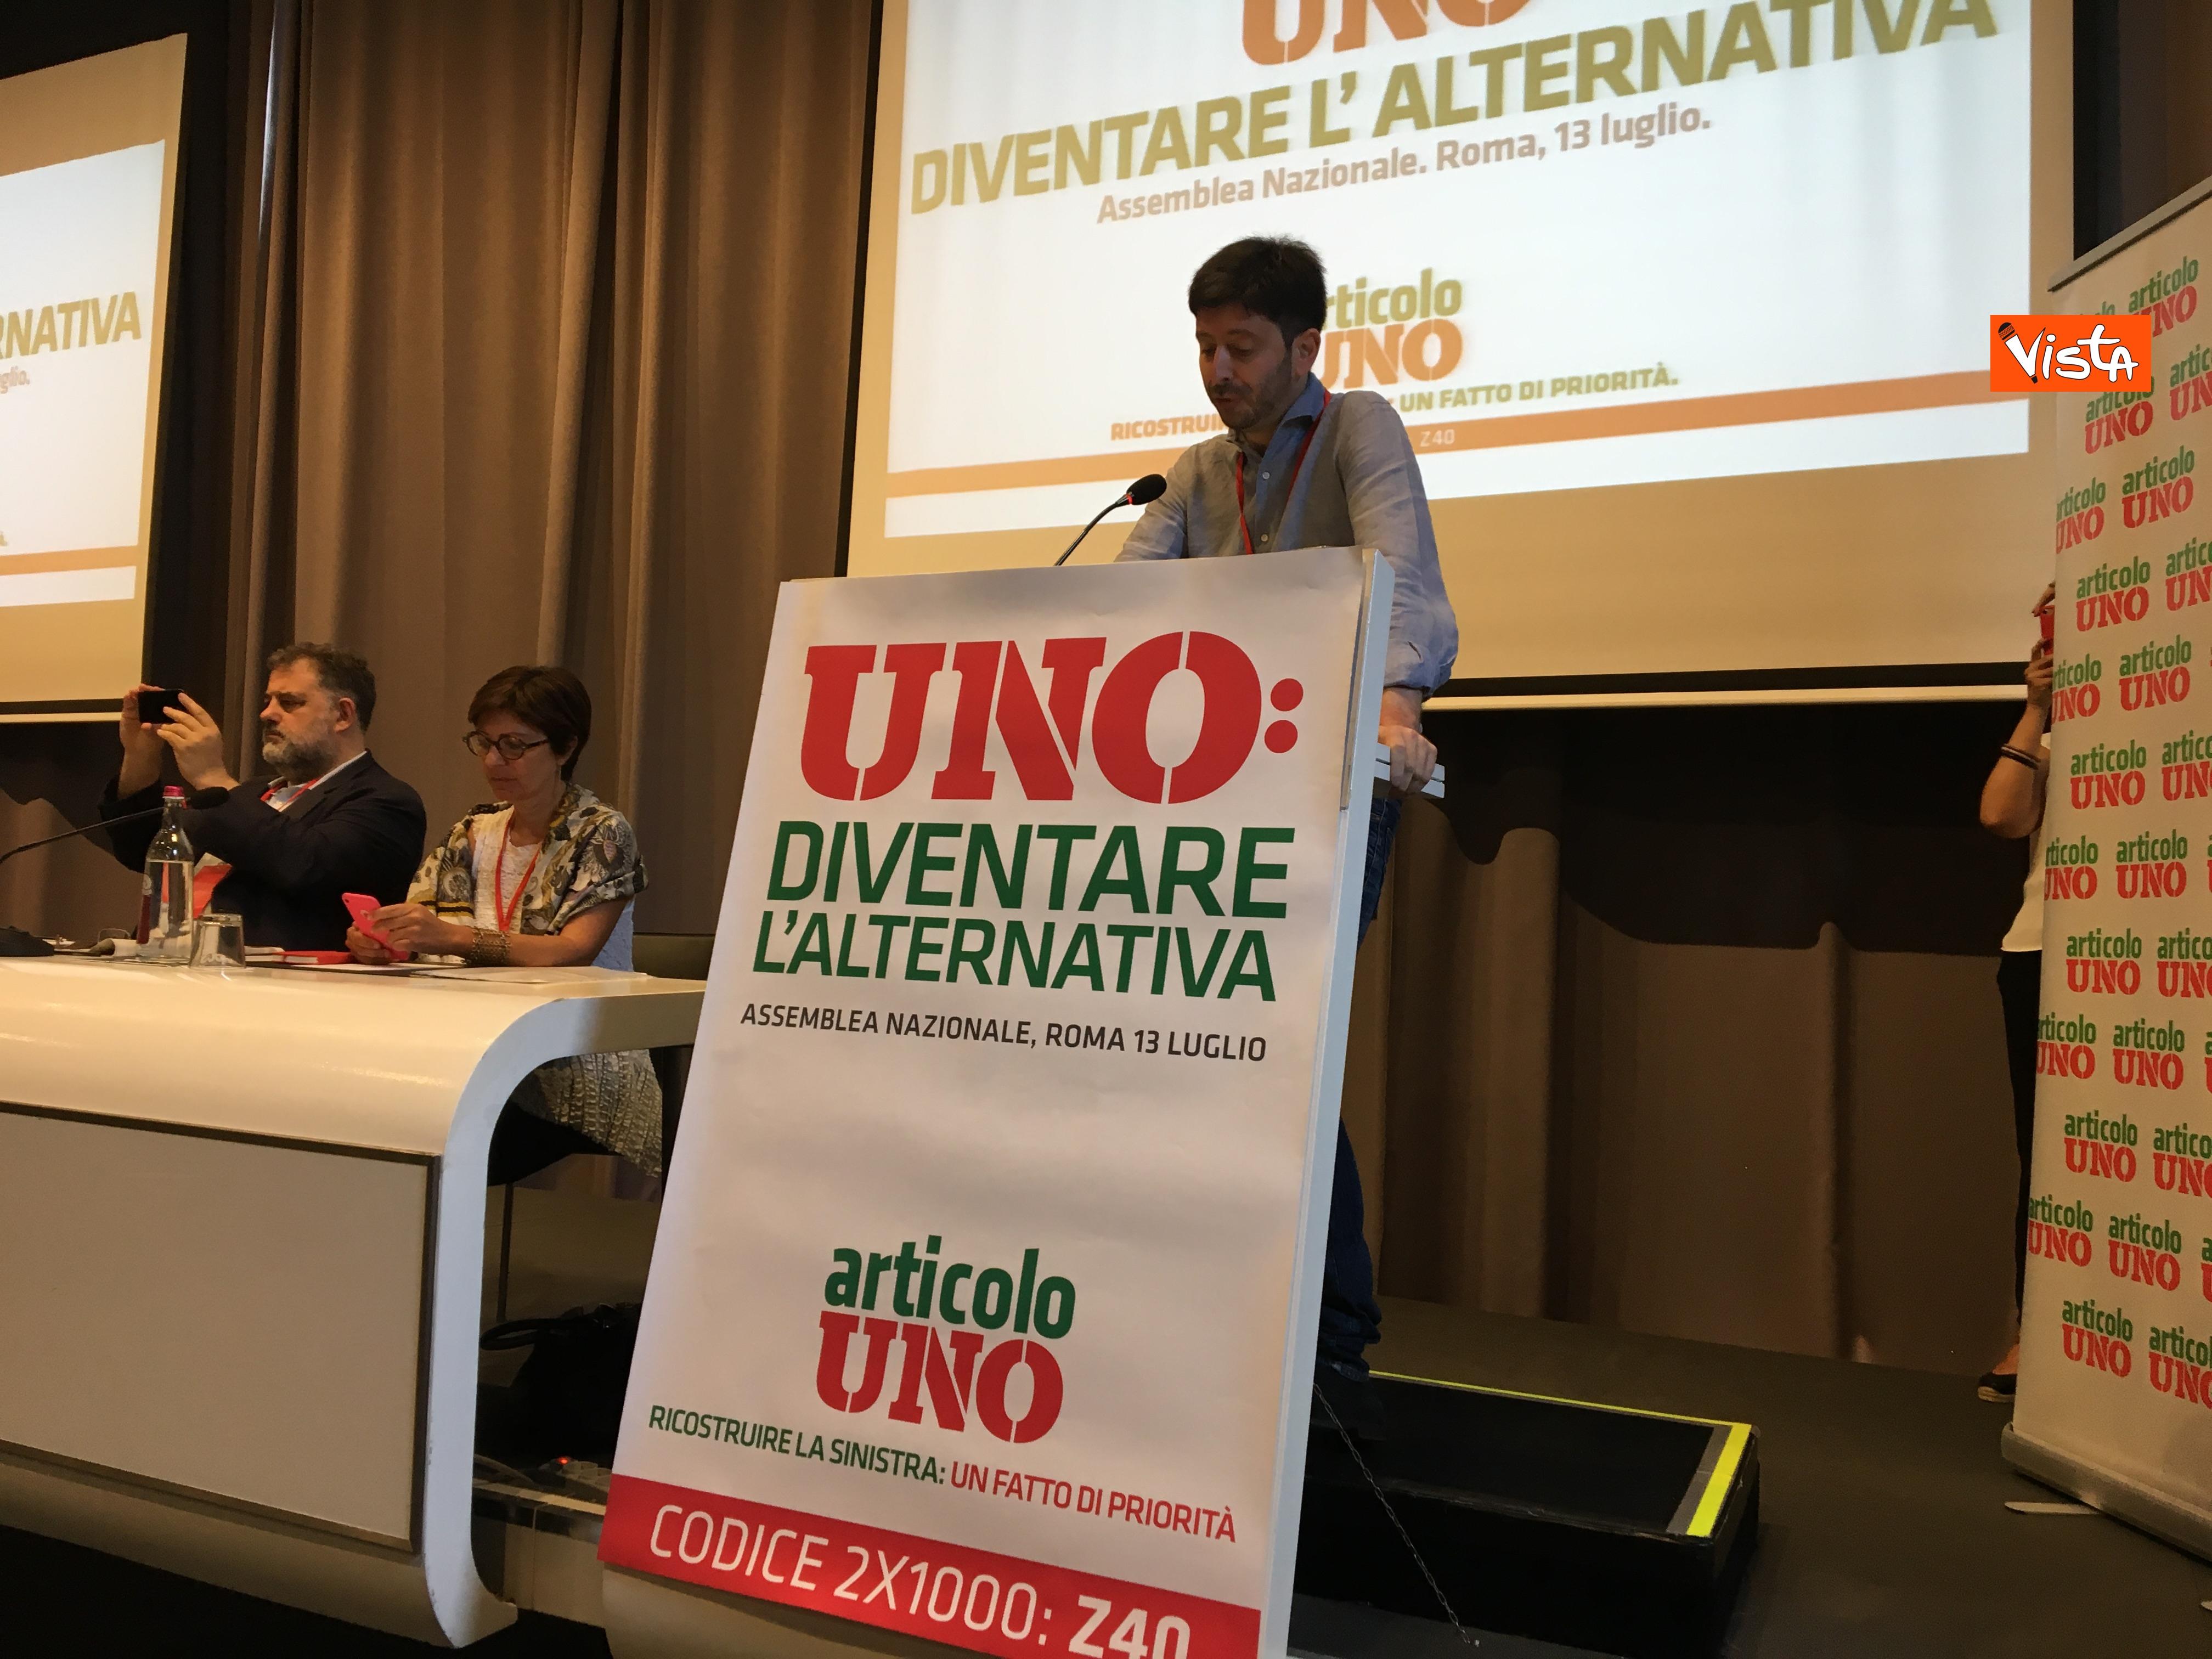 13-07-19 Articolo Uno l Assemblea nazionale a Roma immagini_L'intervento di Roberto Speranza 15